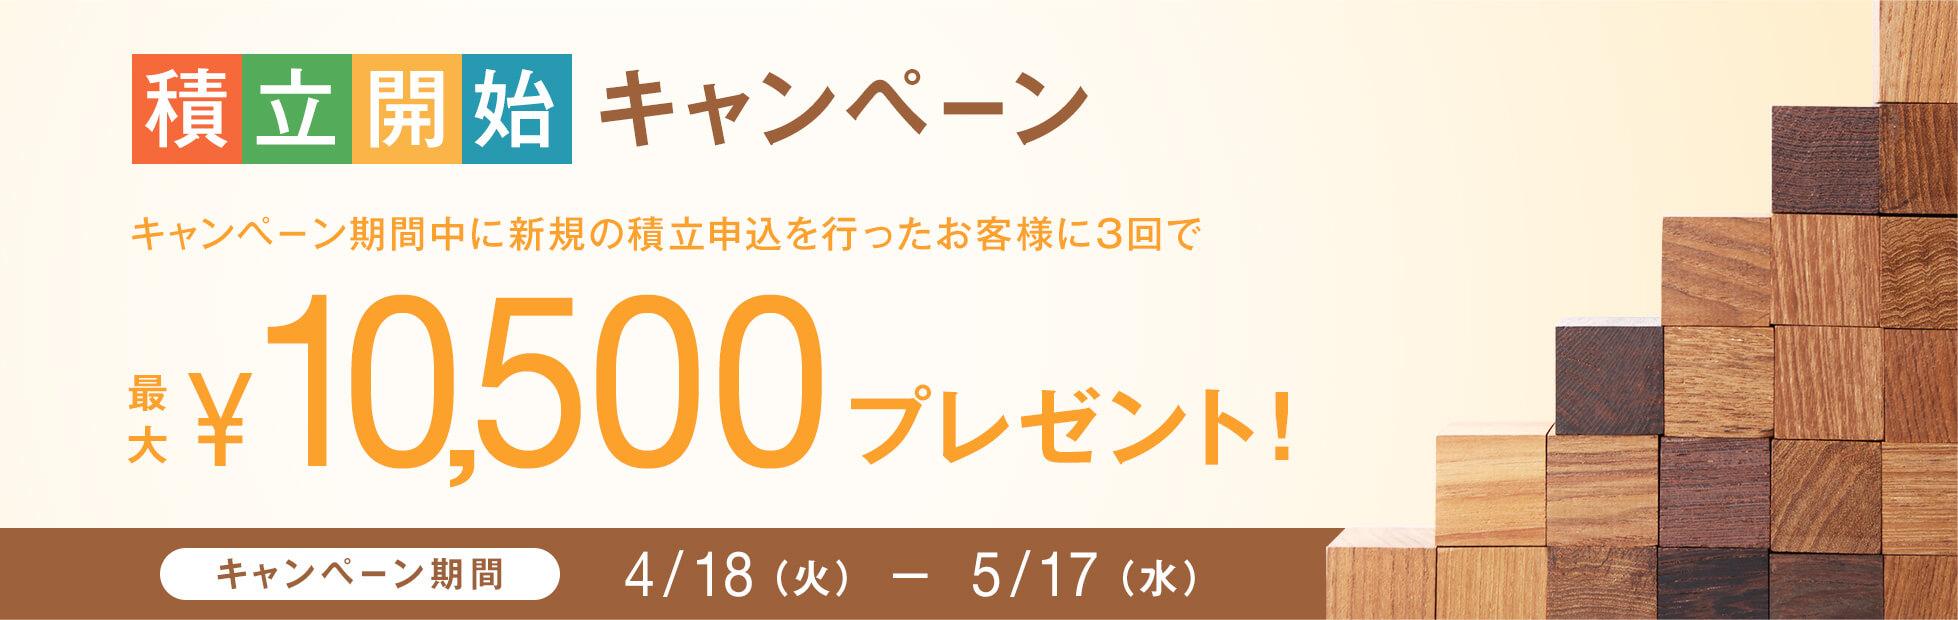 積立開始キャンペーン:キャンペーン期間中に新規の積立申込を行ったお客様に3回積立で最大10,500円プレゼント!2017年4月17日(火)から2017年5月17日(水)まで